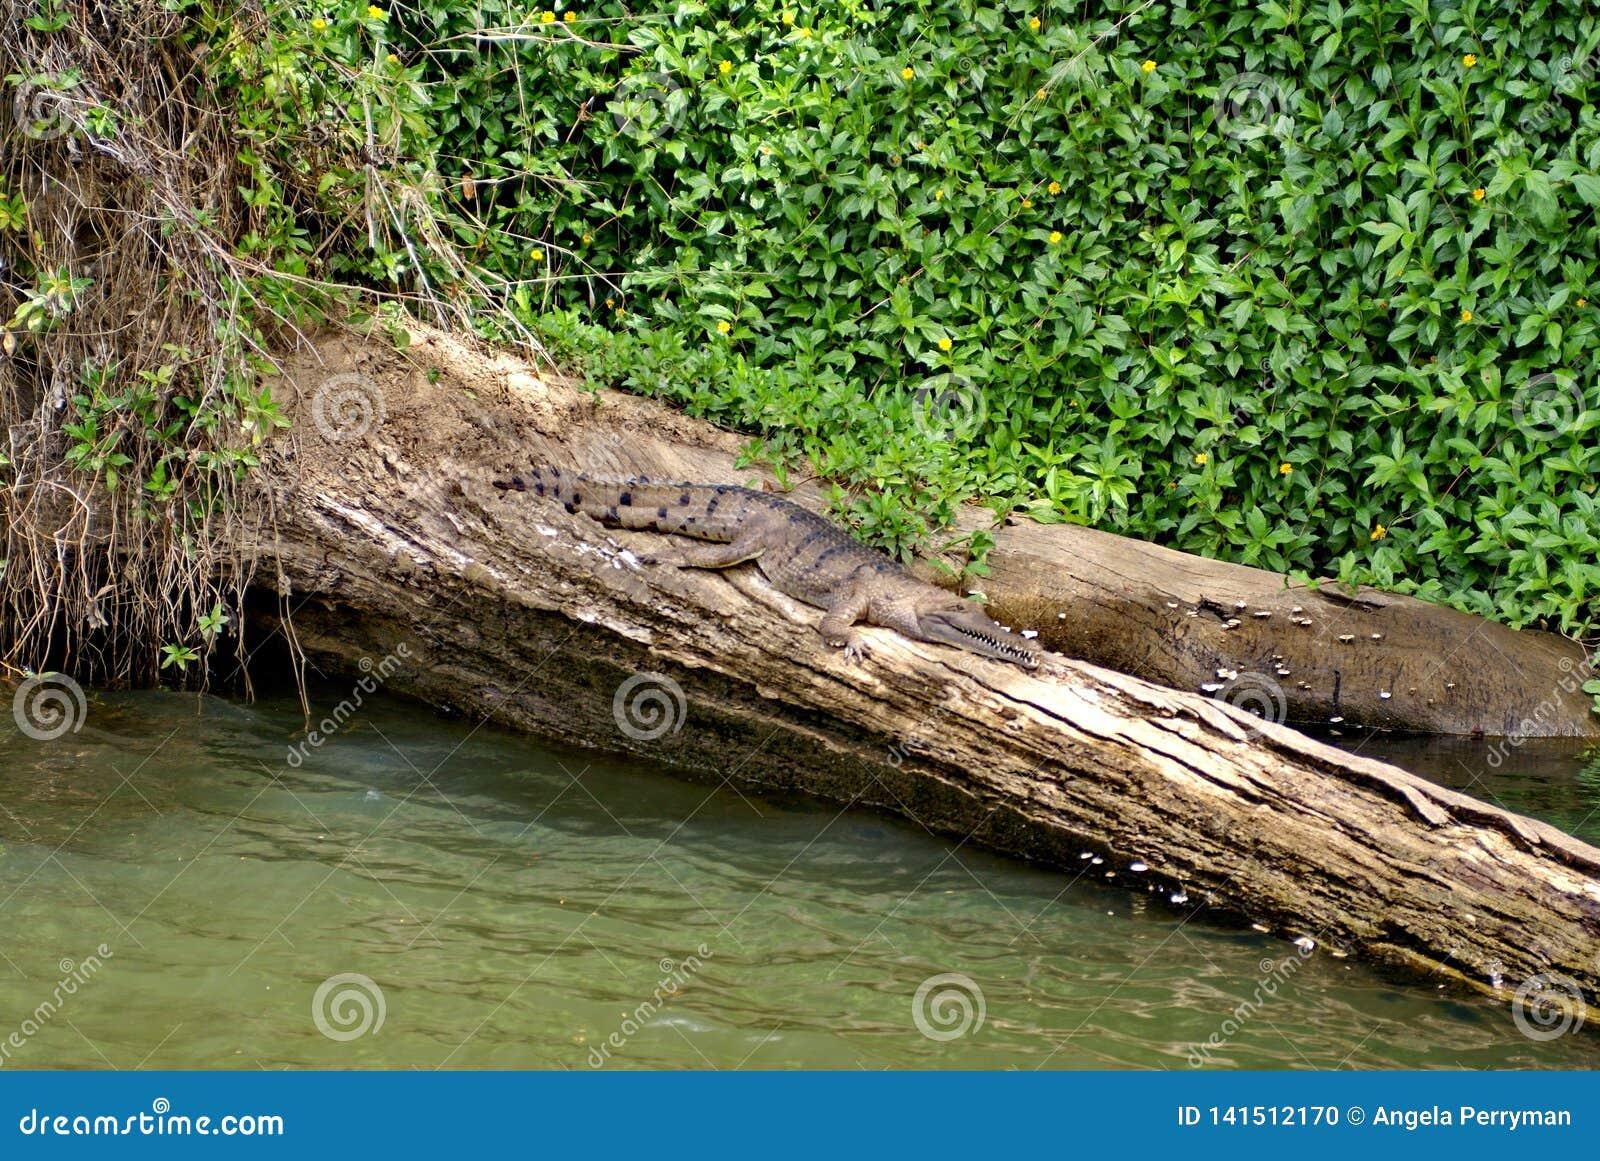 Sötvattens- krokodil i Barron River